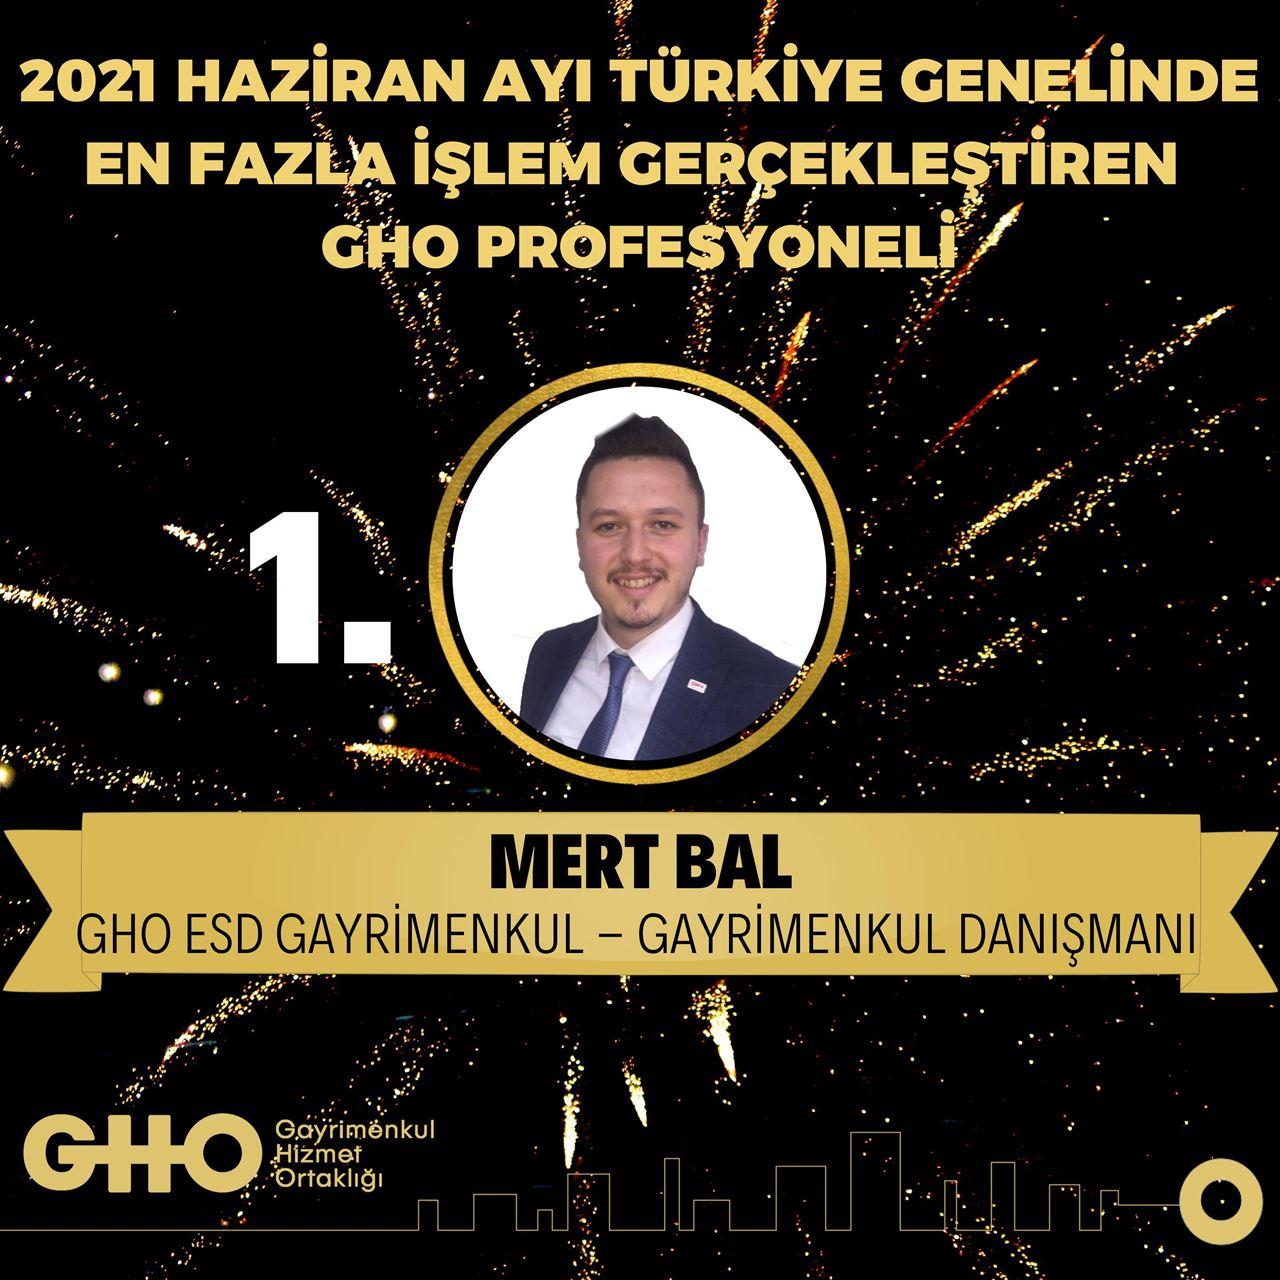 2021 Haziran Ayı Türkiye Geneli En Fazla İşlem Gerçekleştiren GHO Profesyonelleri